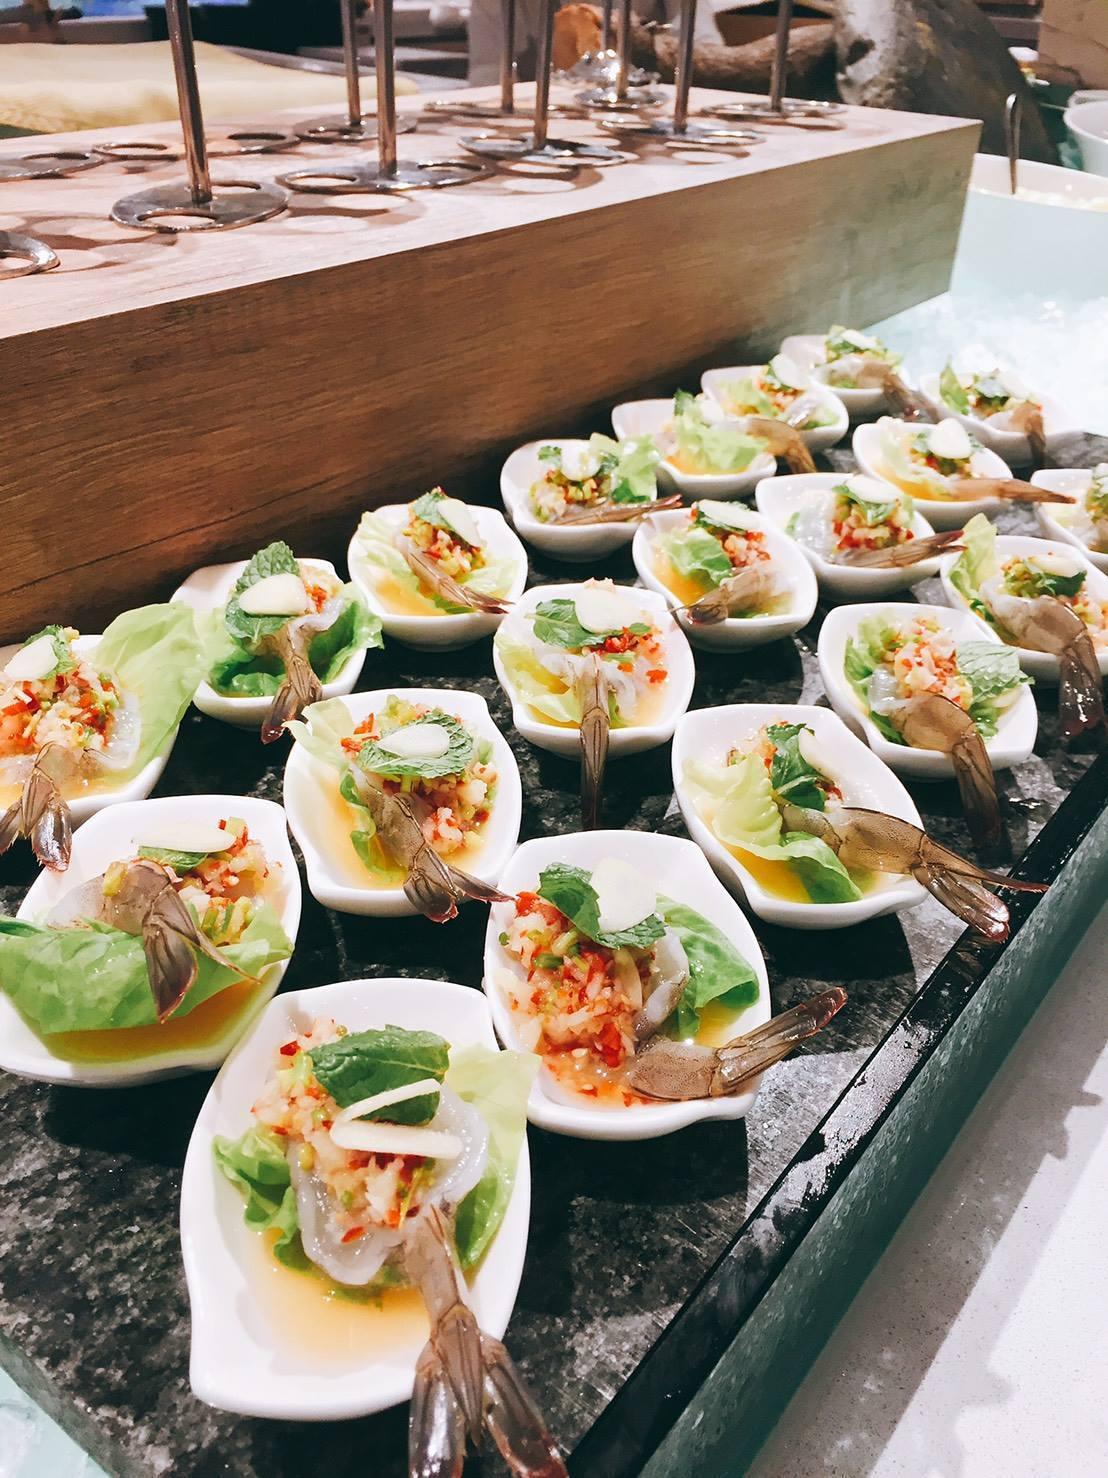 饕客可一次品嘗到多種泰國道地料理。圖/摘自天賜良緣大飯店粉絲專頁